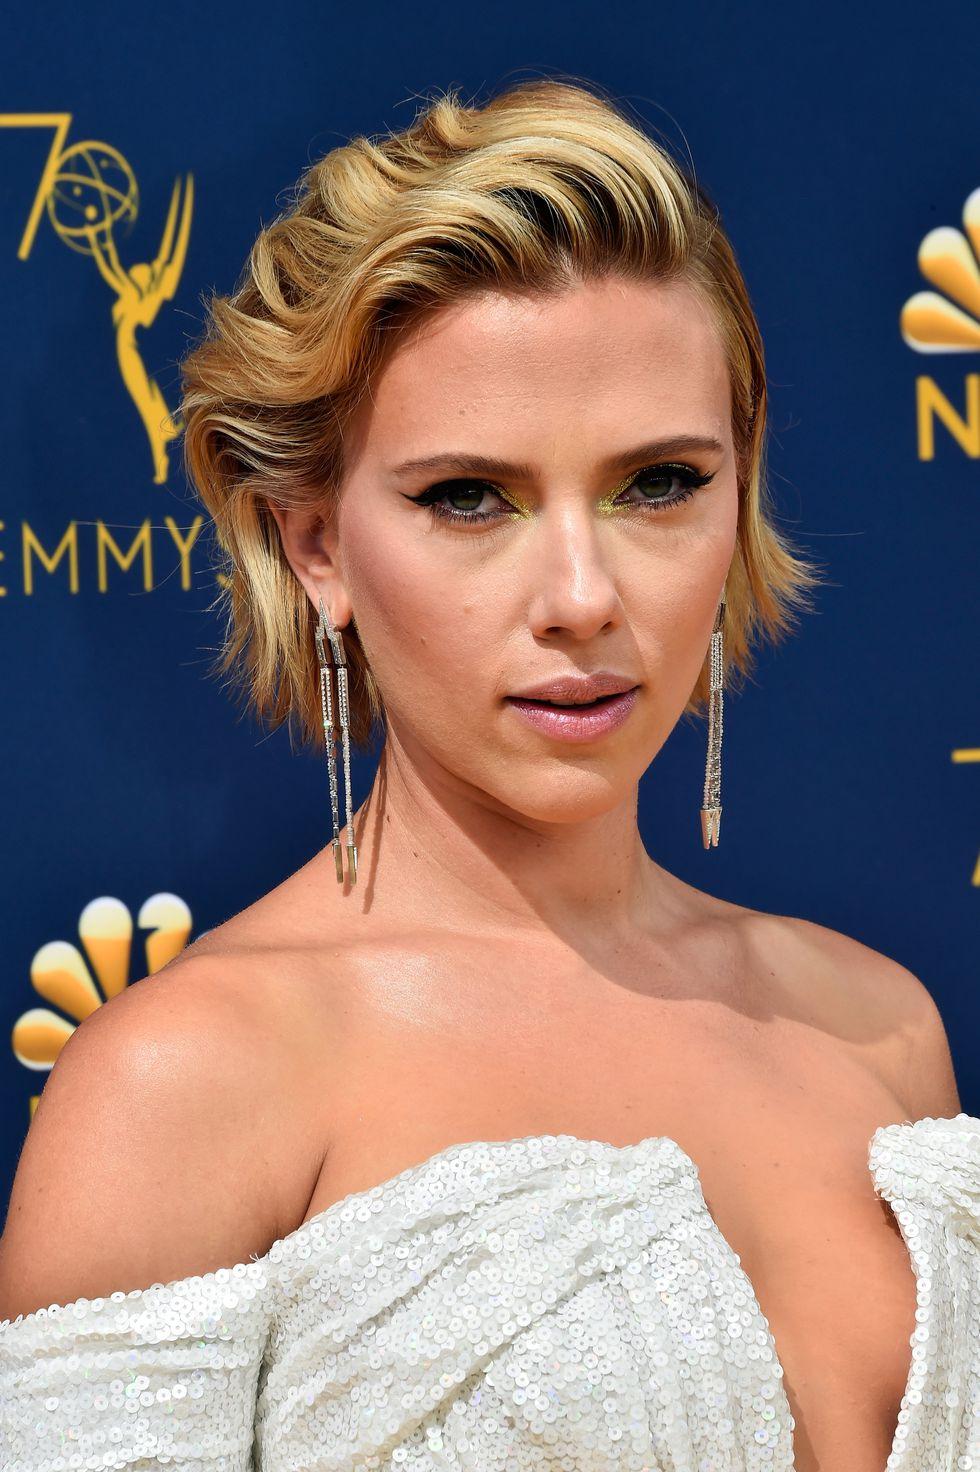 Cele mai inspirate machiaje și coafuri de la Premiile Emmy 2018